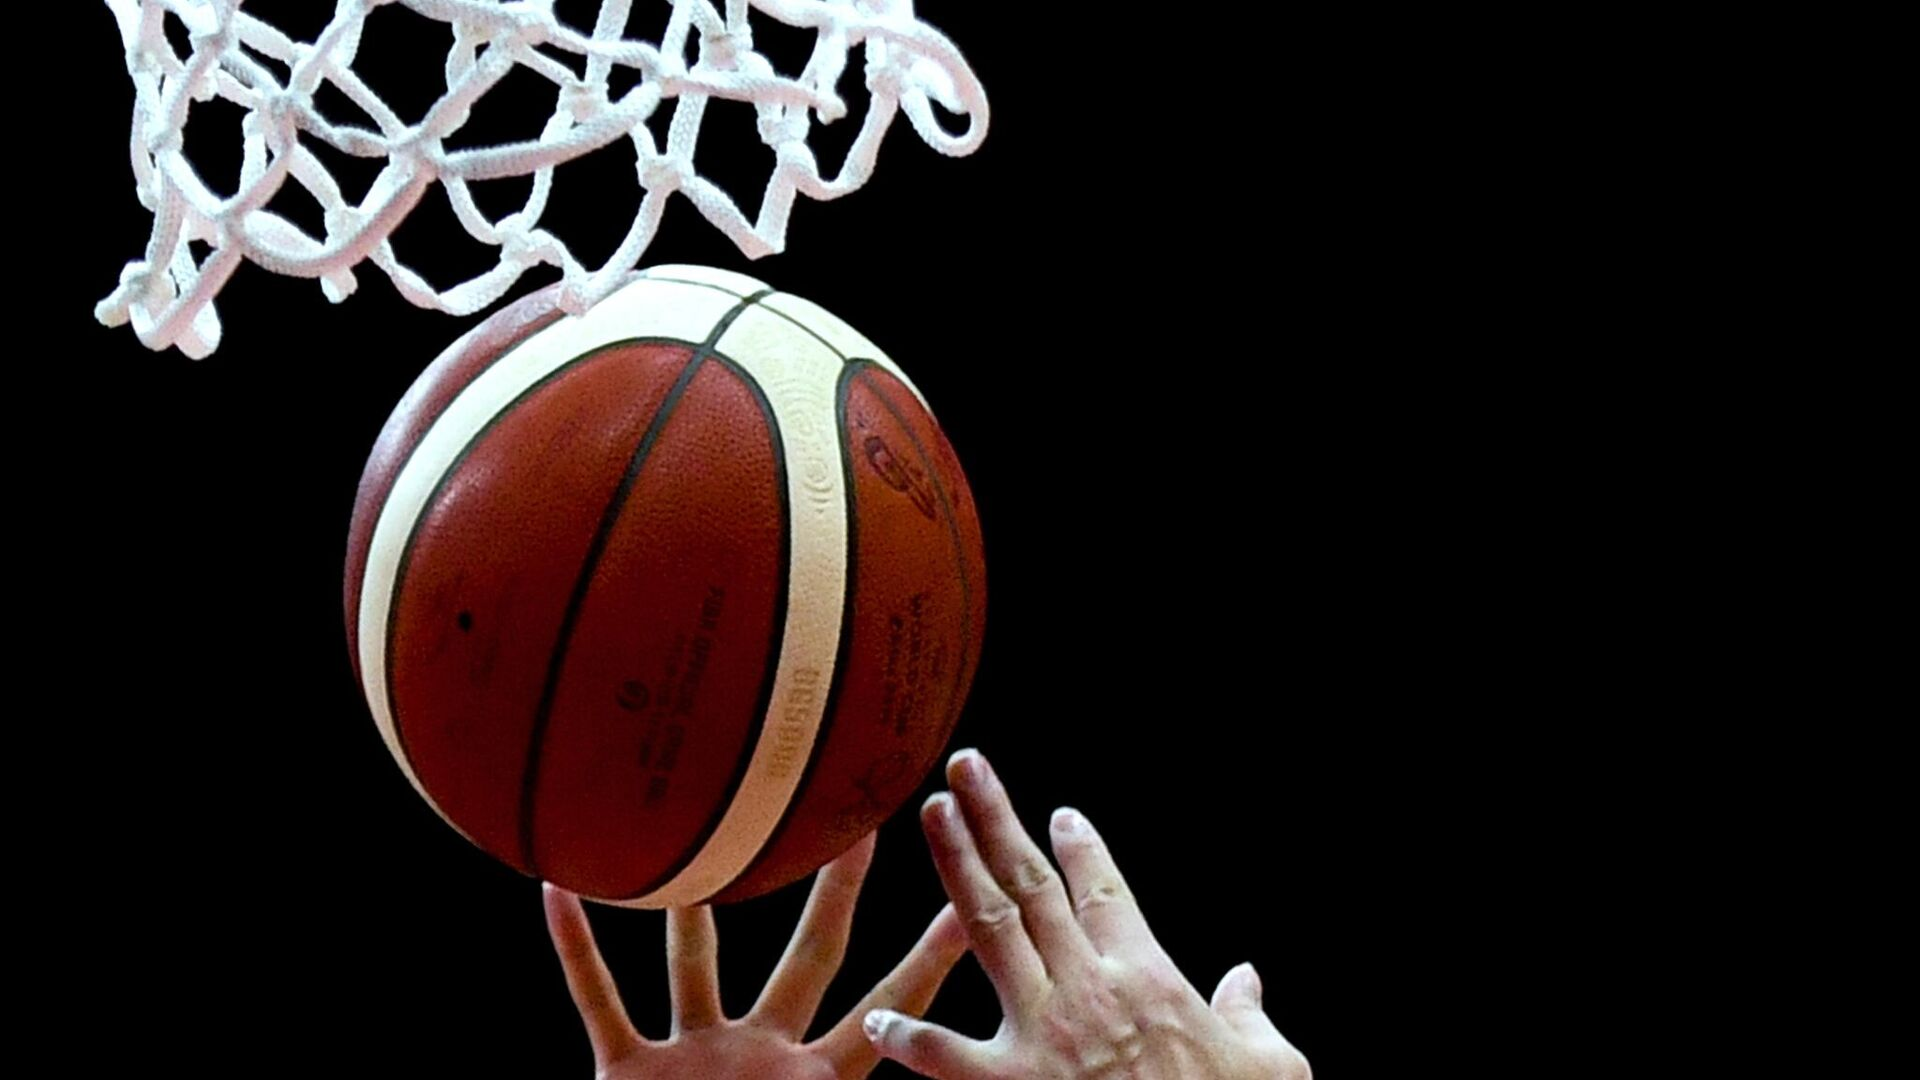 Баскетбол - РИА Новости, 1920, 04.10.2020